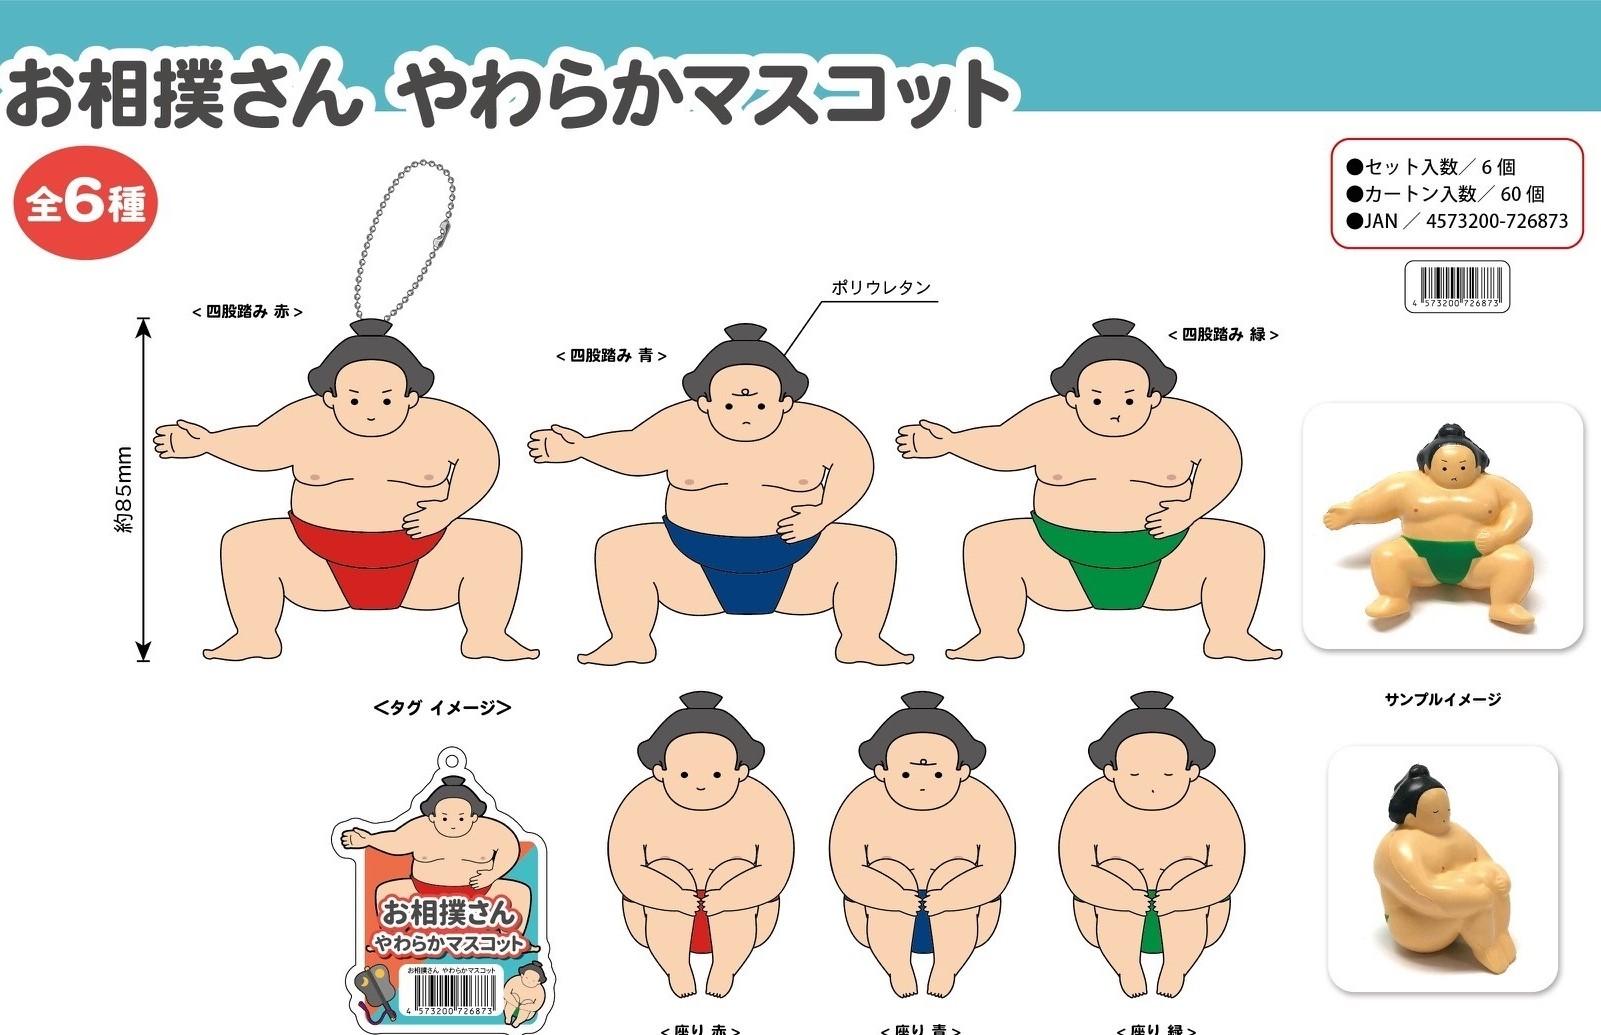 お相撲さんやわらかマスコット